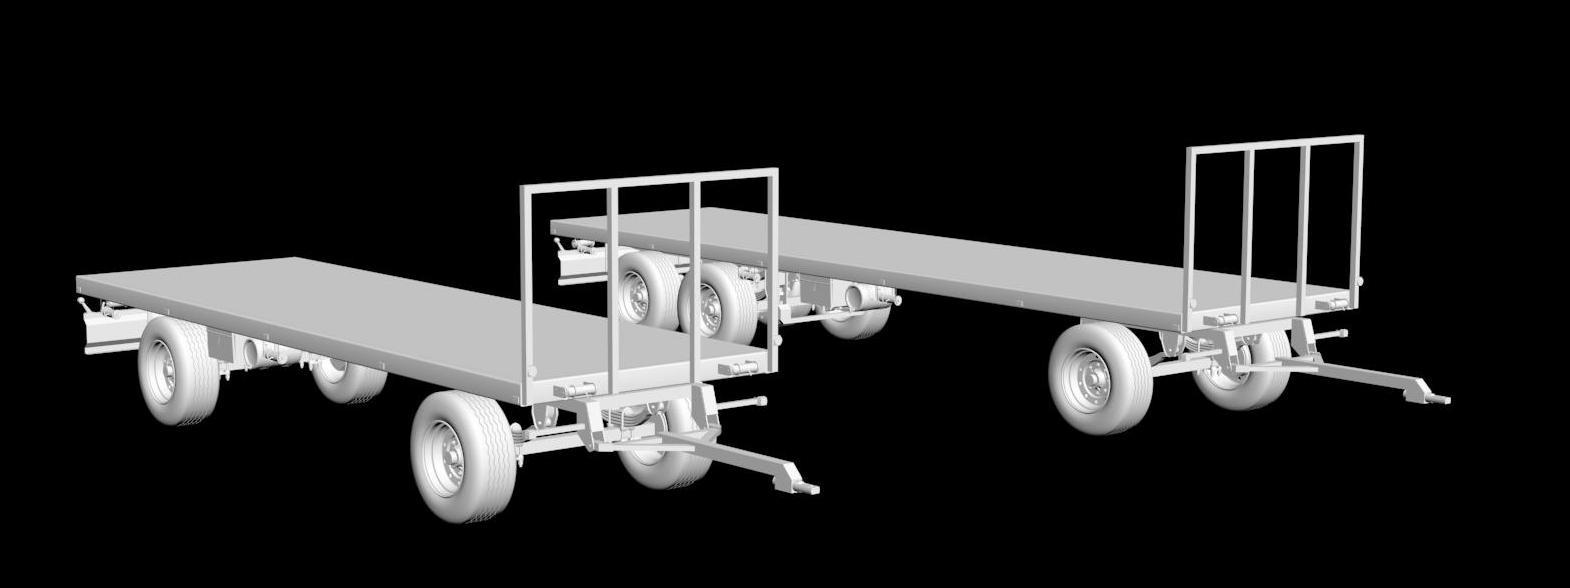 [Encuesta][T.E.P.] Proyecto Aguas Tenias (22 modelos + 1 Camión) [Terminado 21-4-2014]. - Página 4 41kekhk